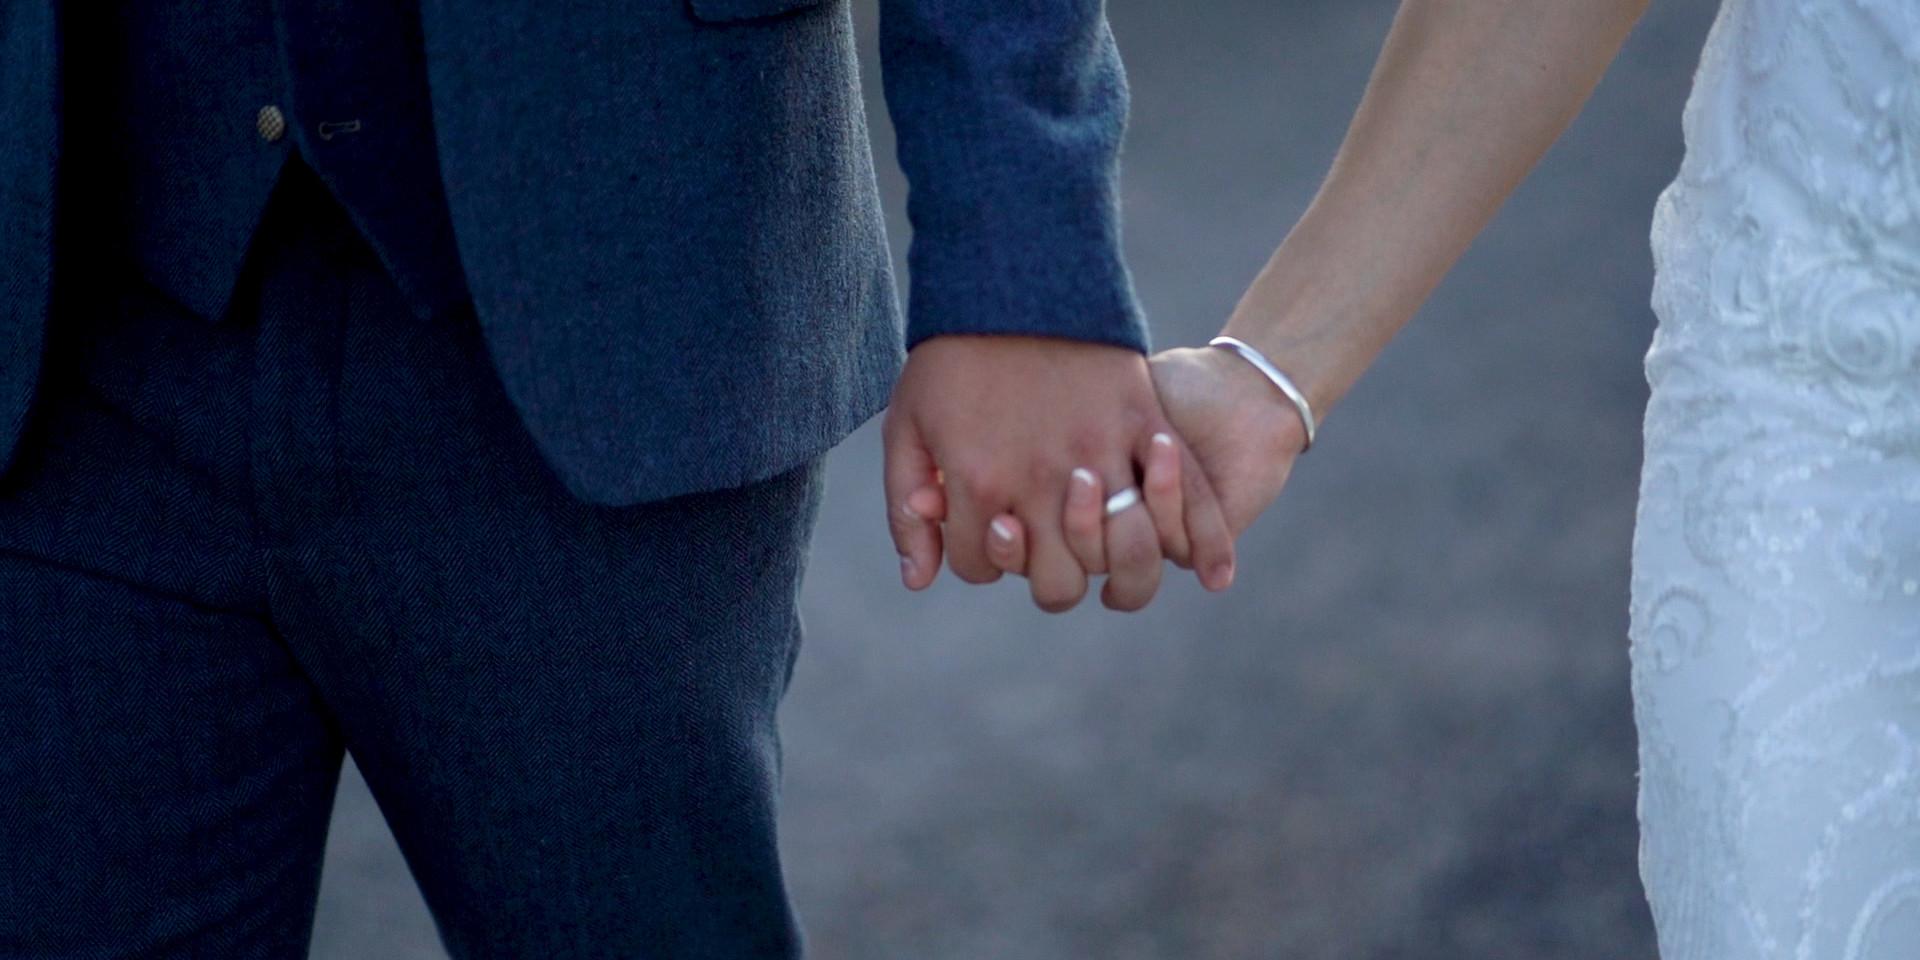 Wedding-ShortFilm.00_09_02_12.Still093.j